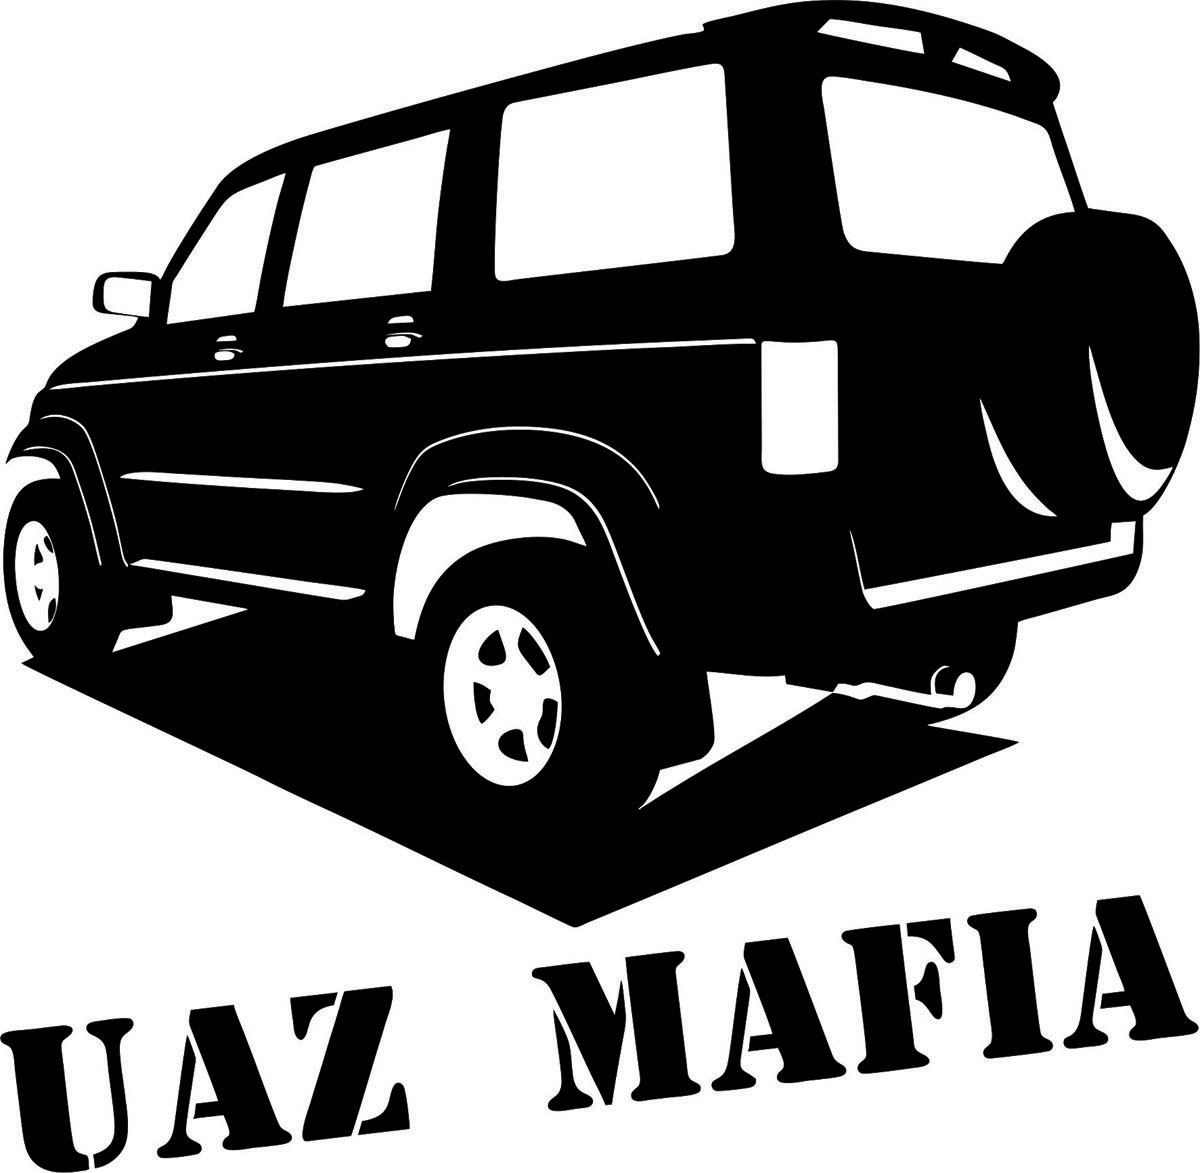 Наклейка автомобильная Оранжевый слоник UAZ Mafia, виниловая, цвет: черный наклейка автомобильная оранжевый слоник niva mafia виниловая цвет белый